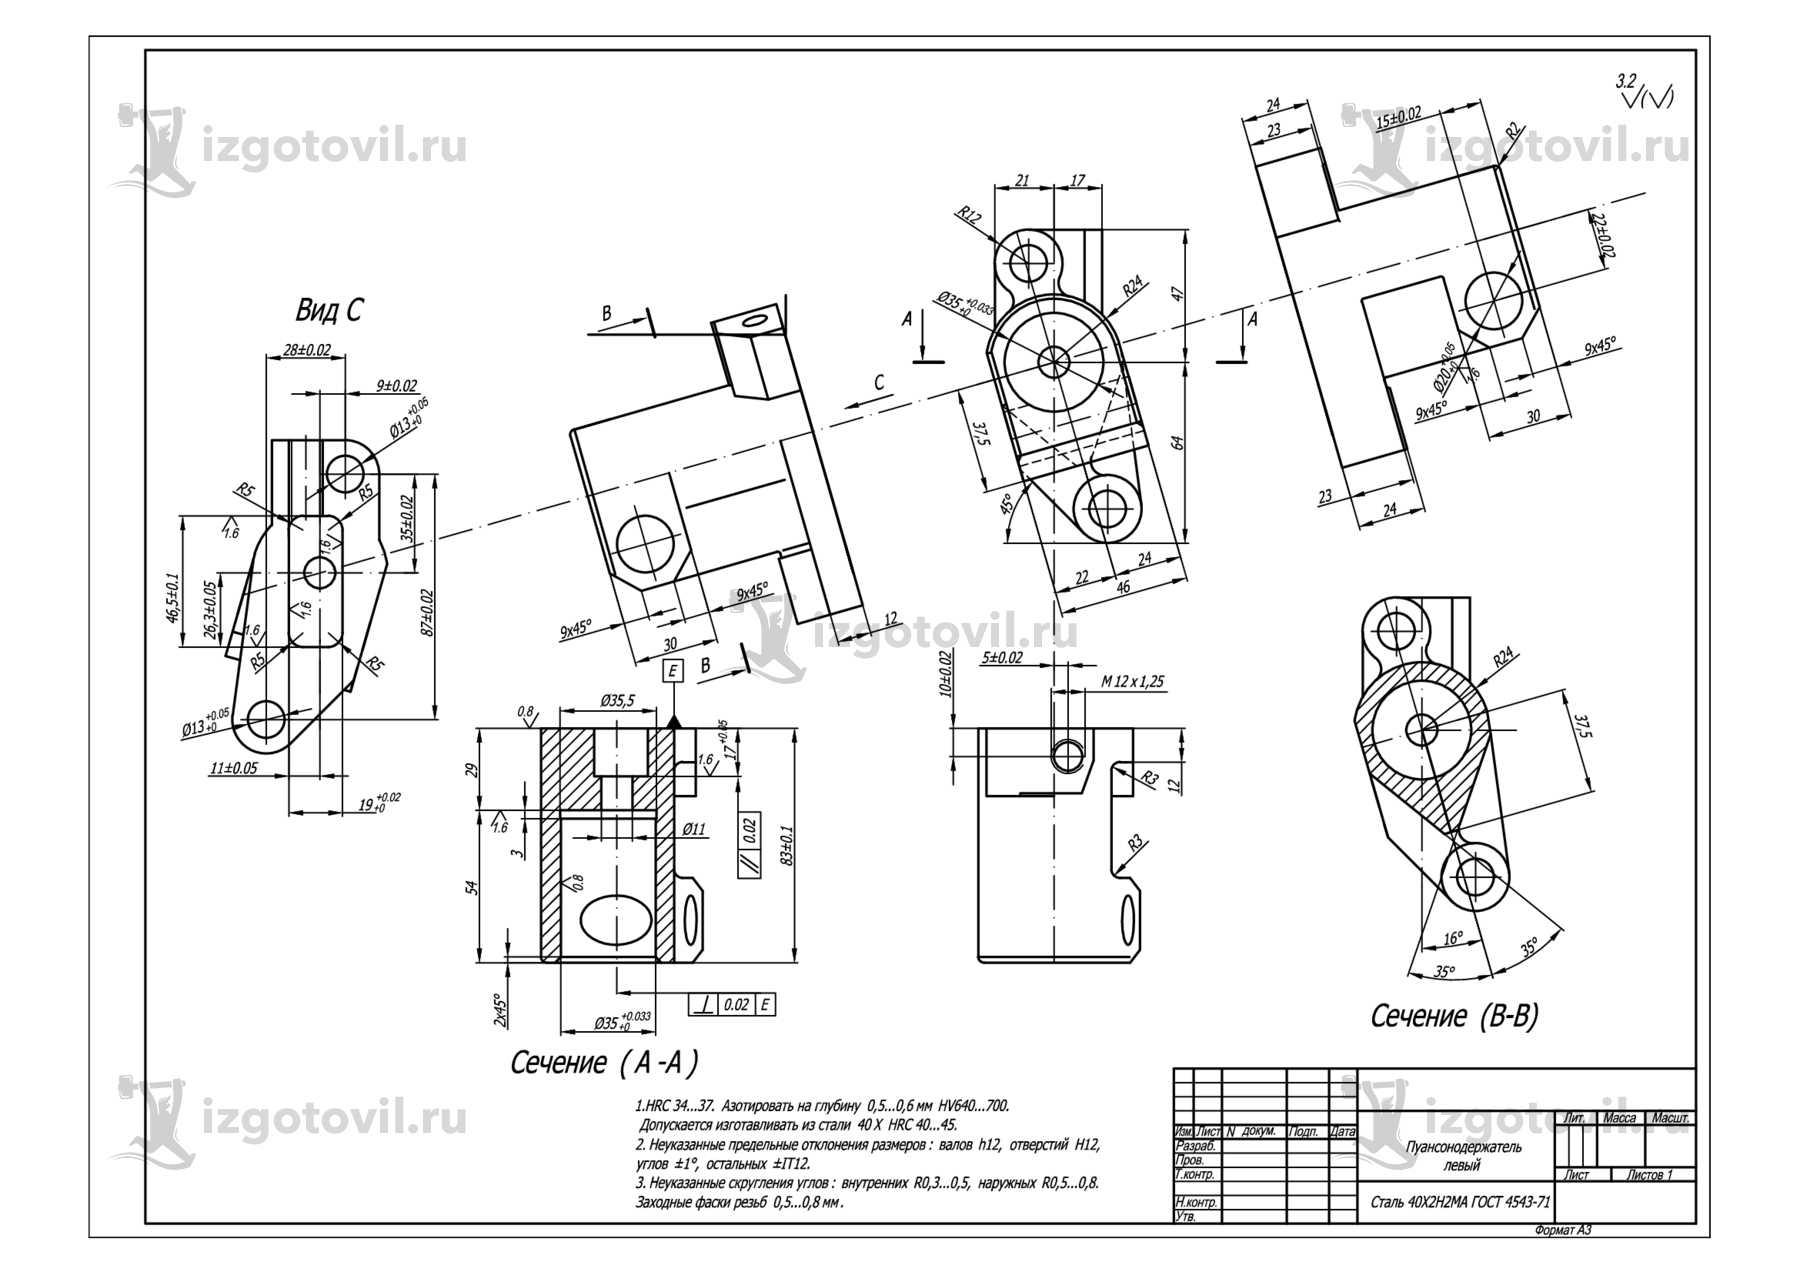 Изготовление деталей на заказ (пуансонодержатели)